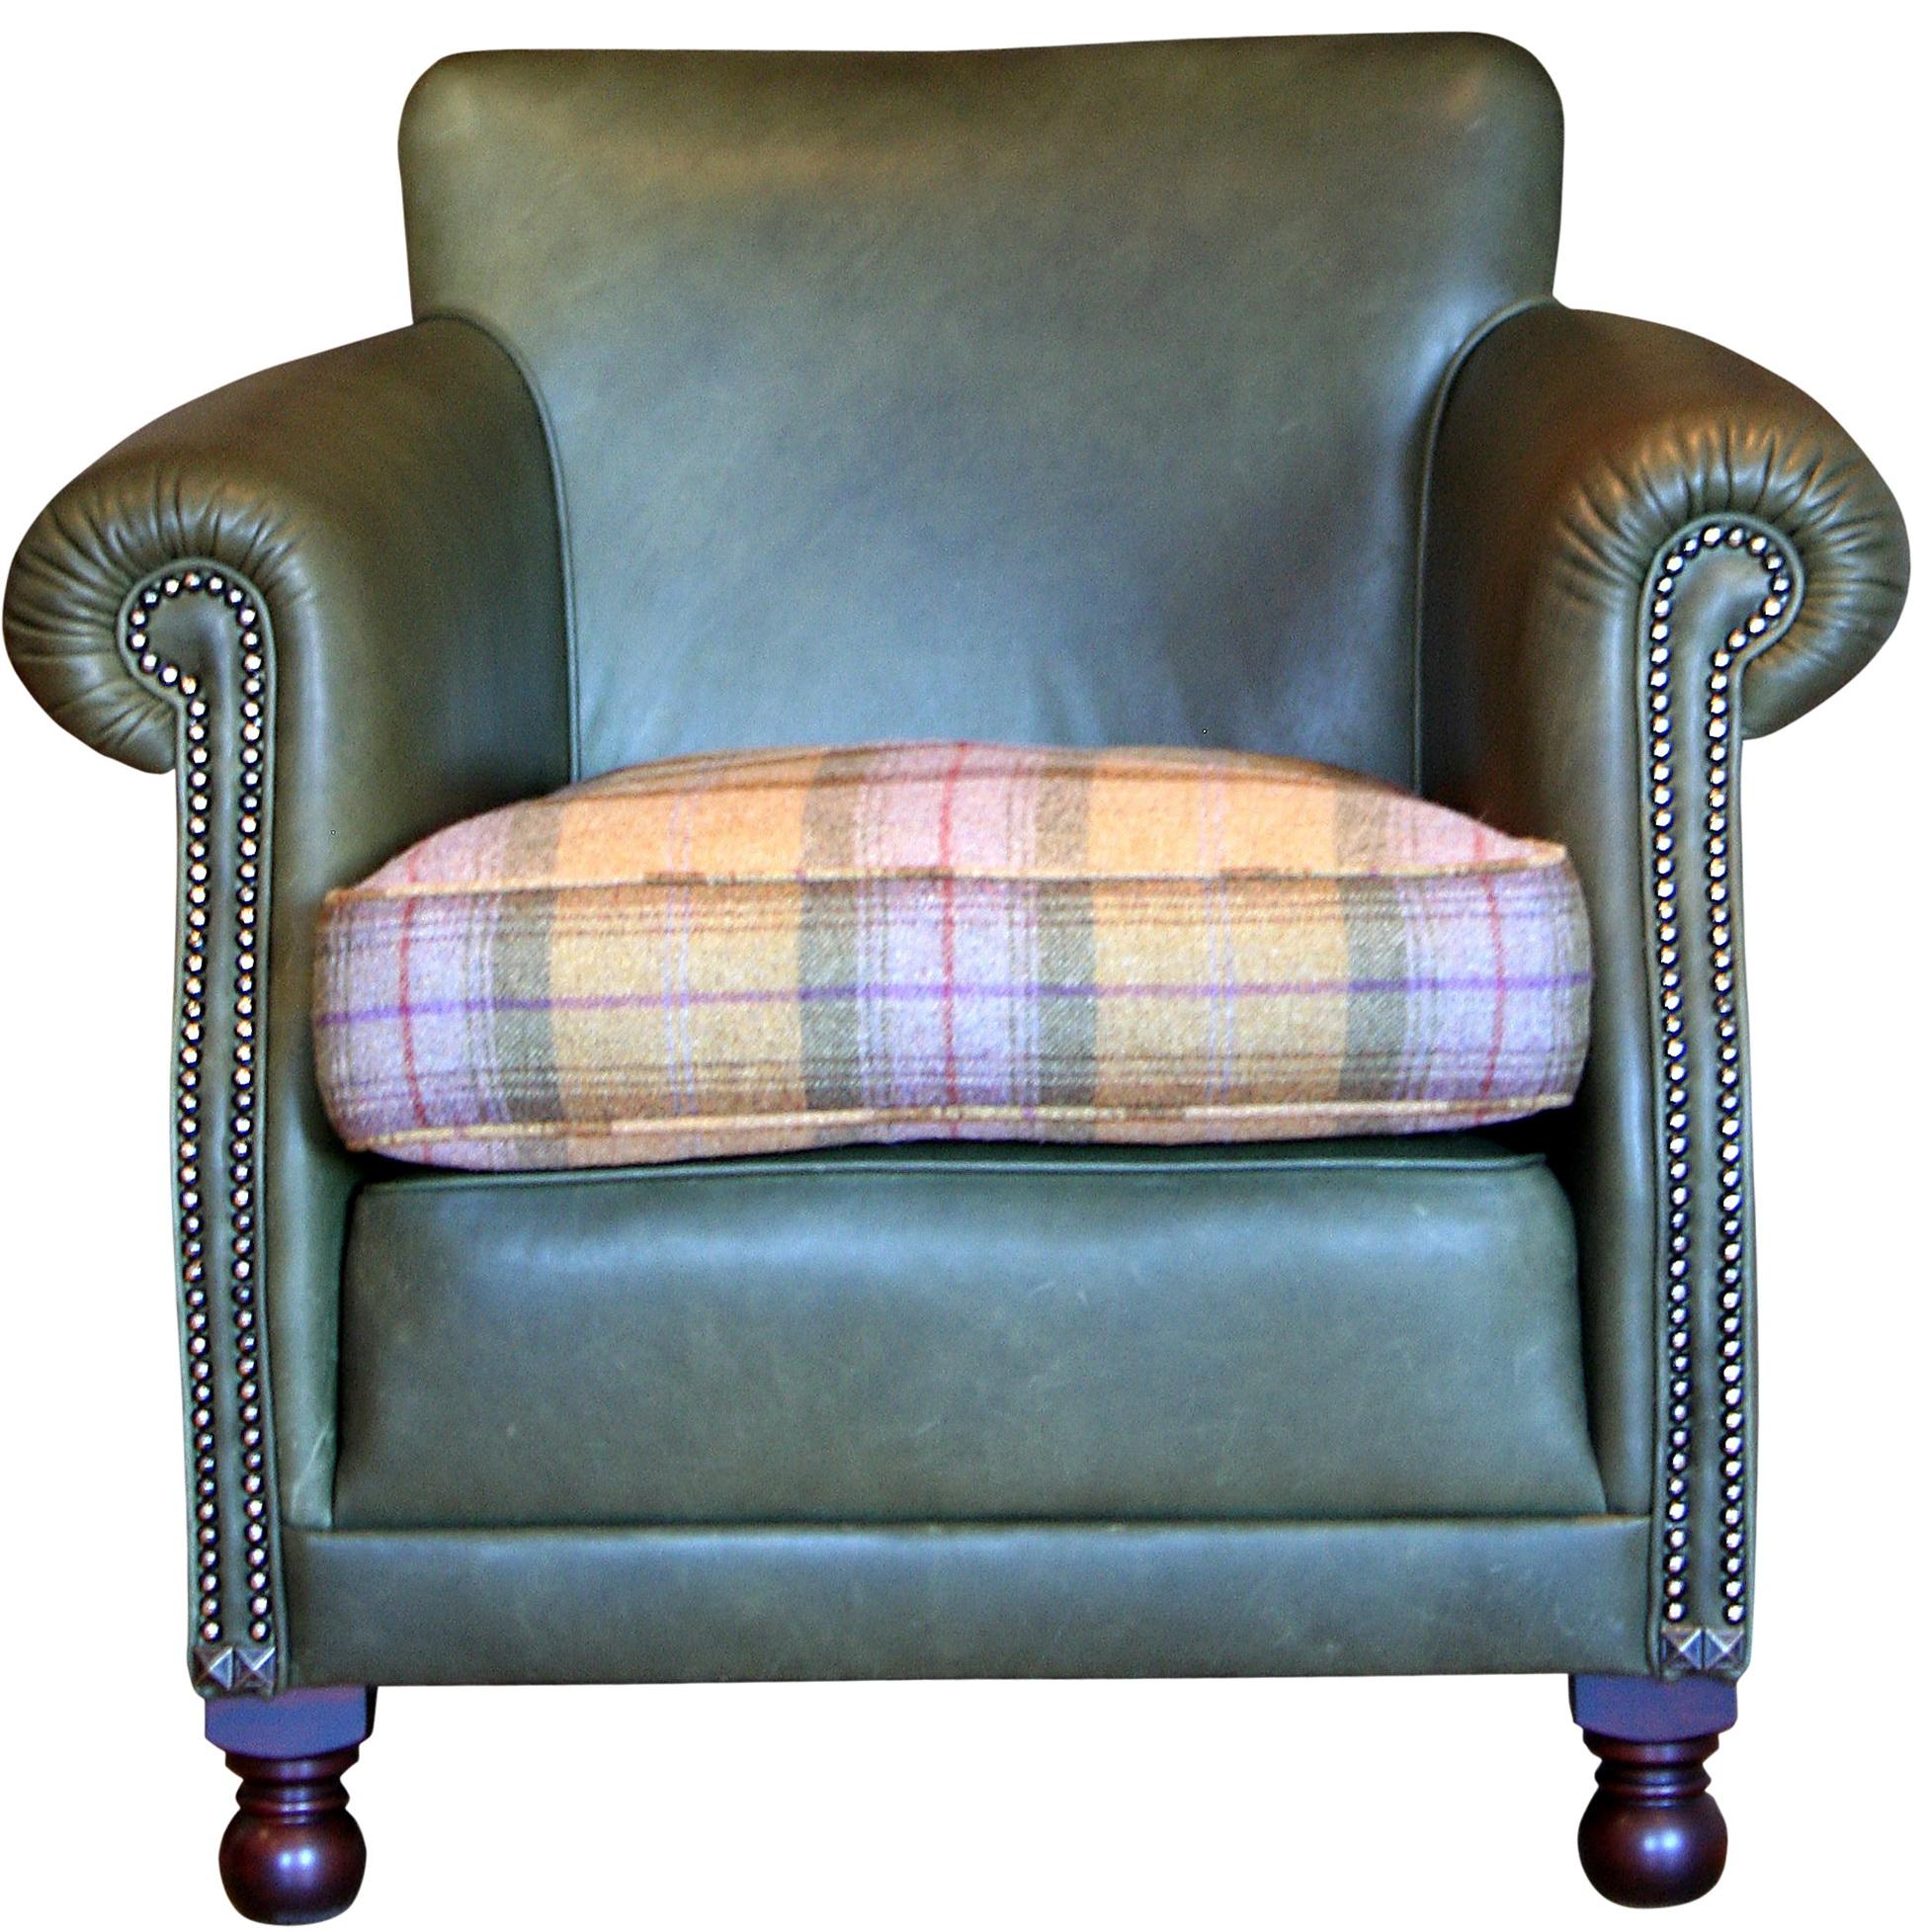 Steamer chair cushions john lewis home design ideas John lewis home design ideas